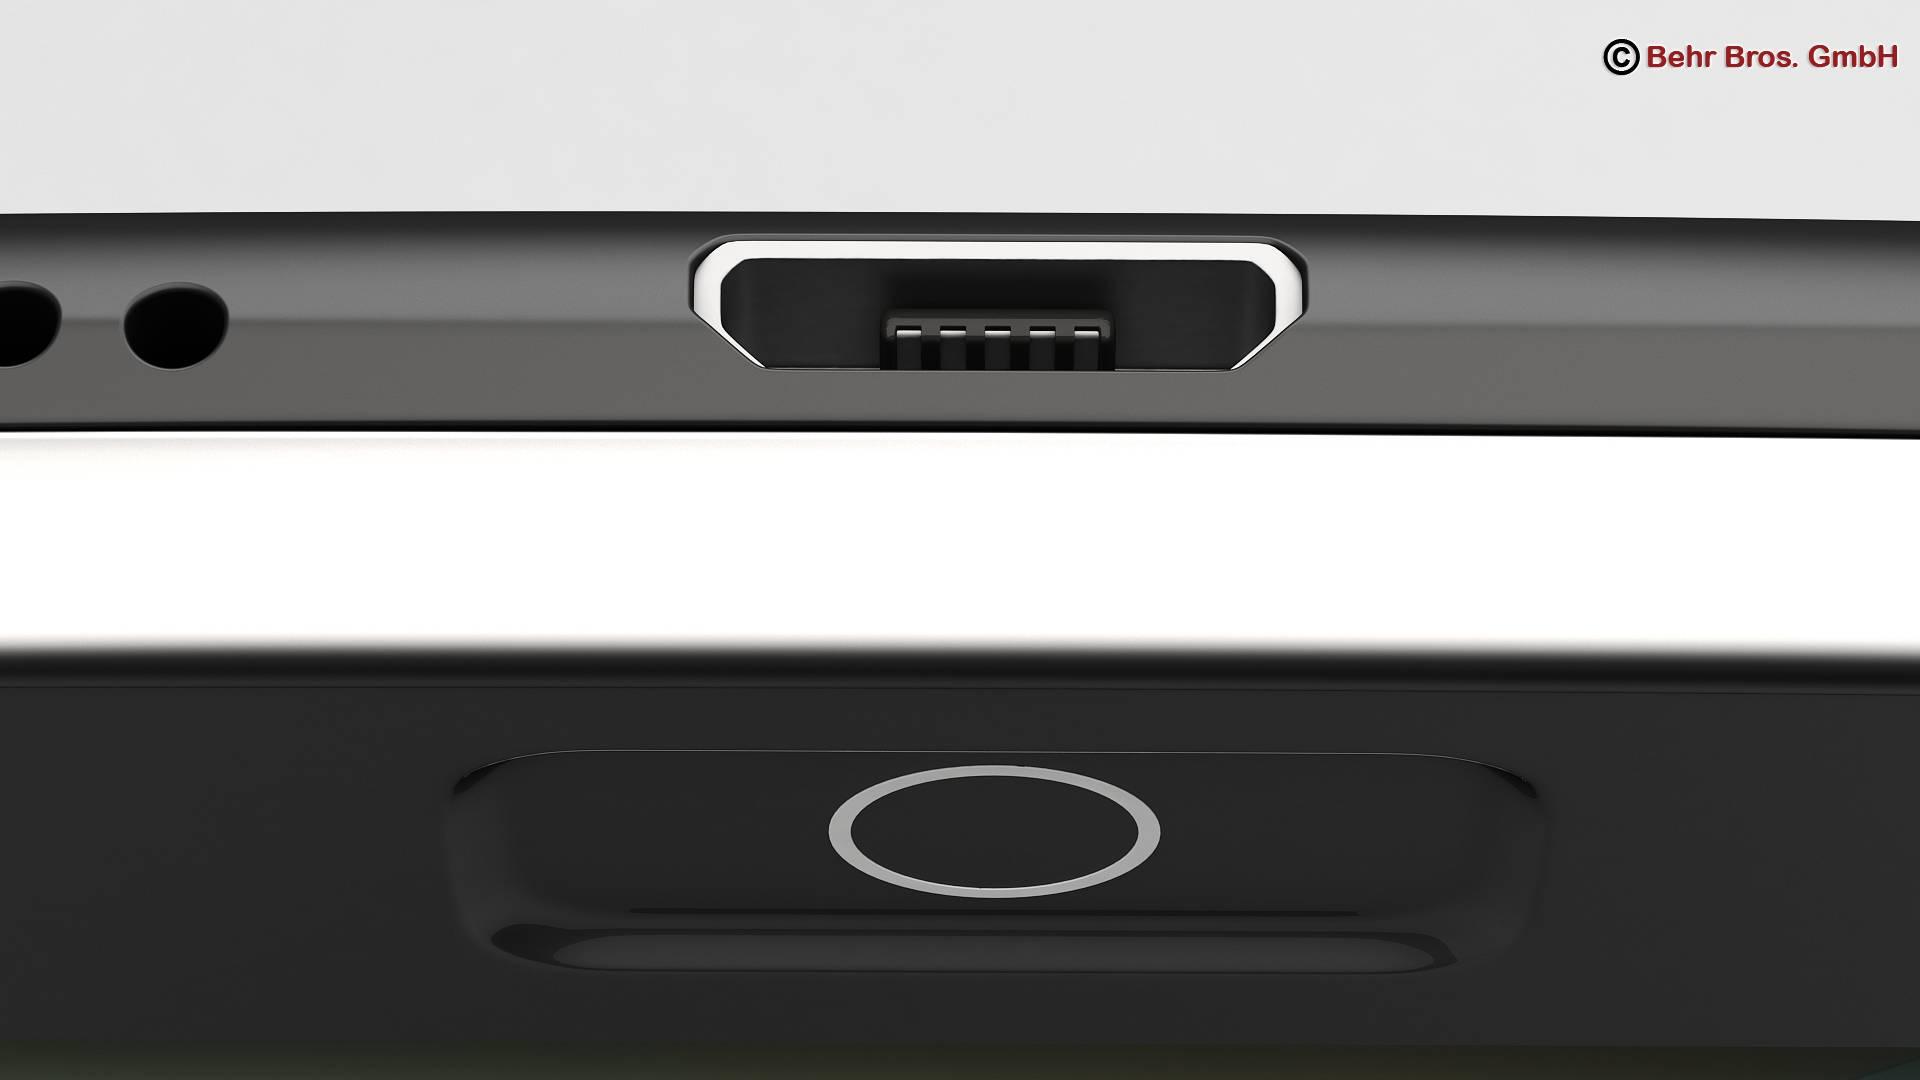 генерички паметен телефон 6 инчен 3d модел 3ds макс fbx c4d lwo ma mb obj 161665